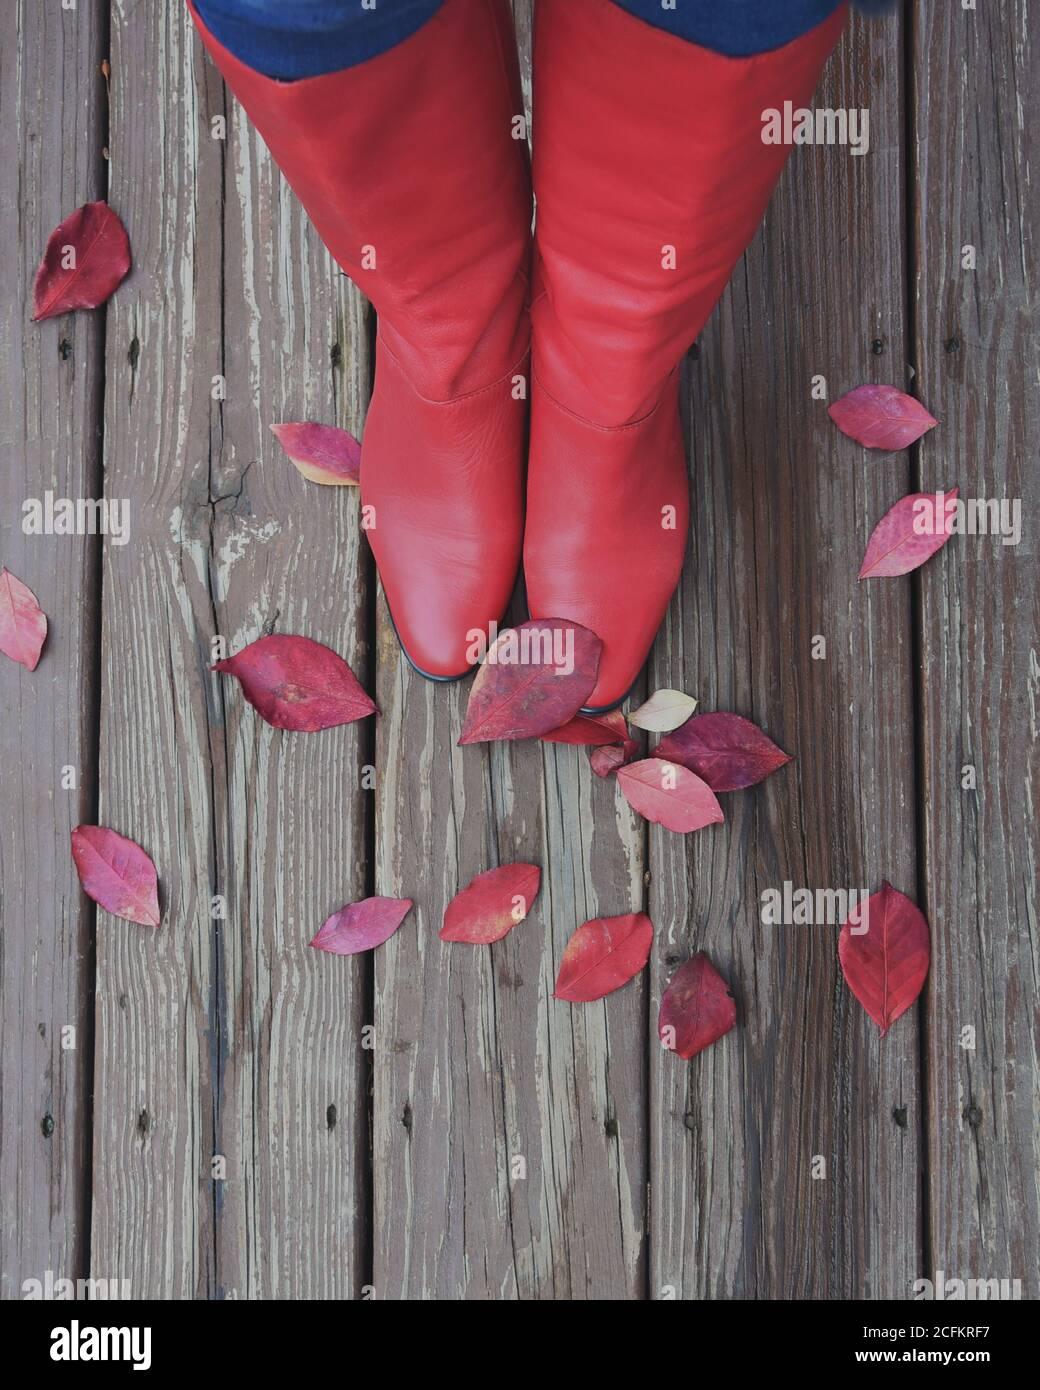 Une paire de bottes rouges pour femmes regarde vers le bas sur les feuilles d'automne contre un plancher de bois pour un concept saisonnier. Banque D'Images